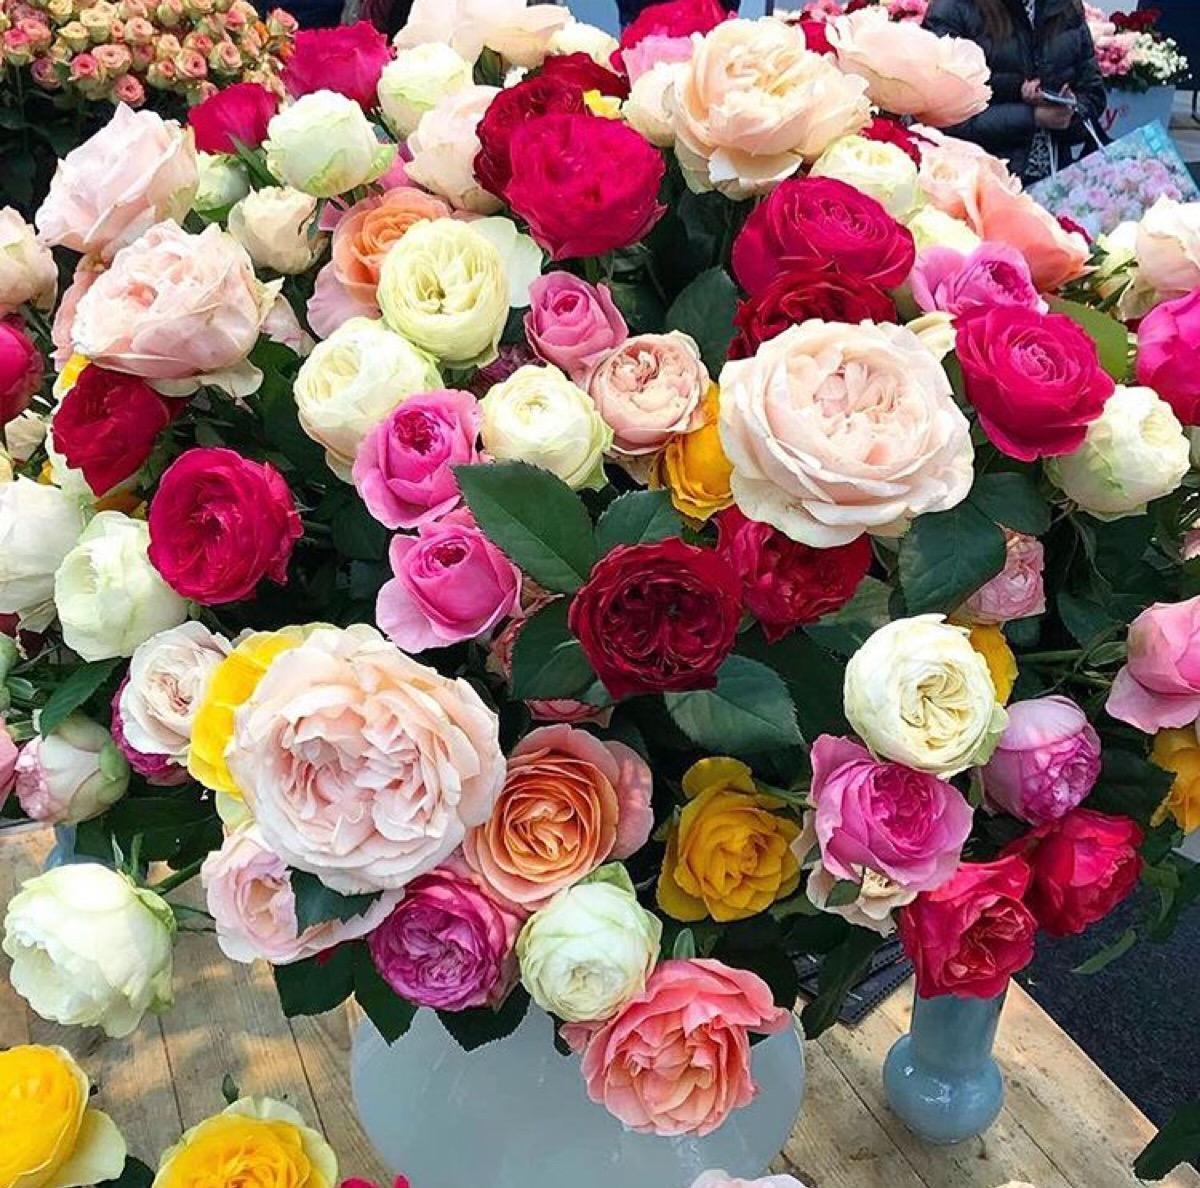 宁夏省钱玫瑰基地性价比高企业,玫瑰基地